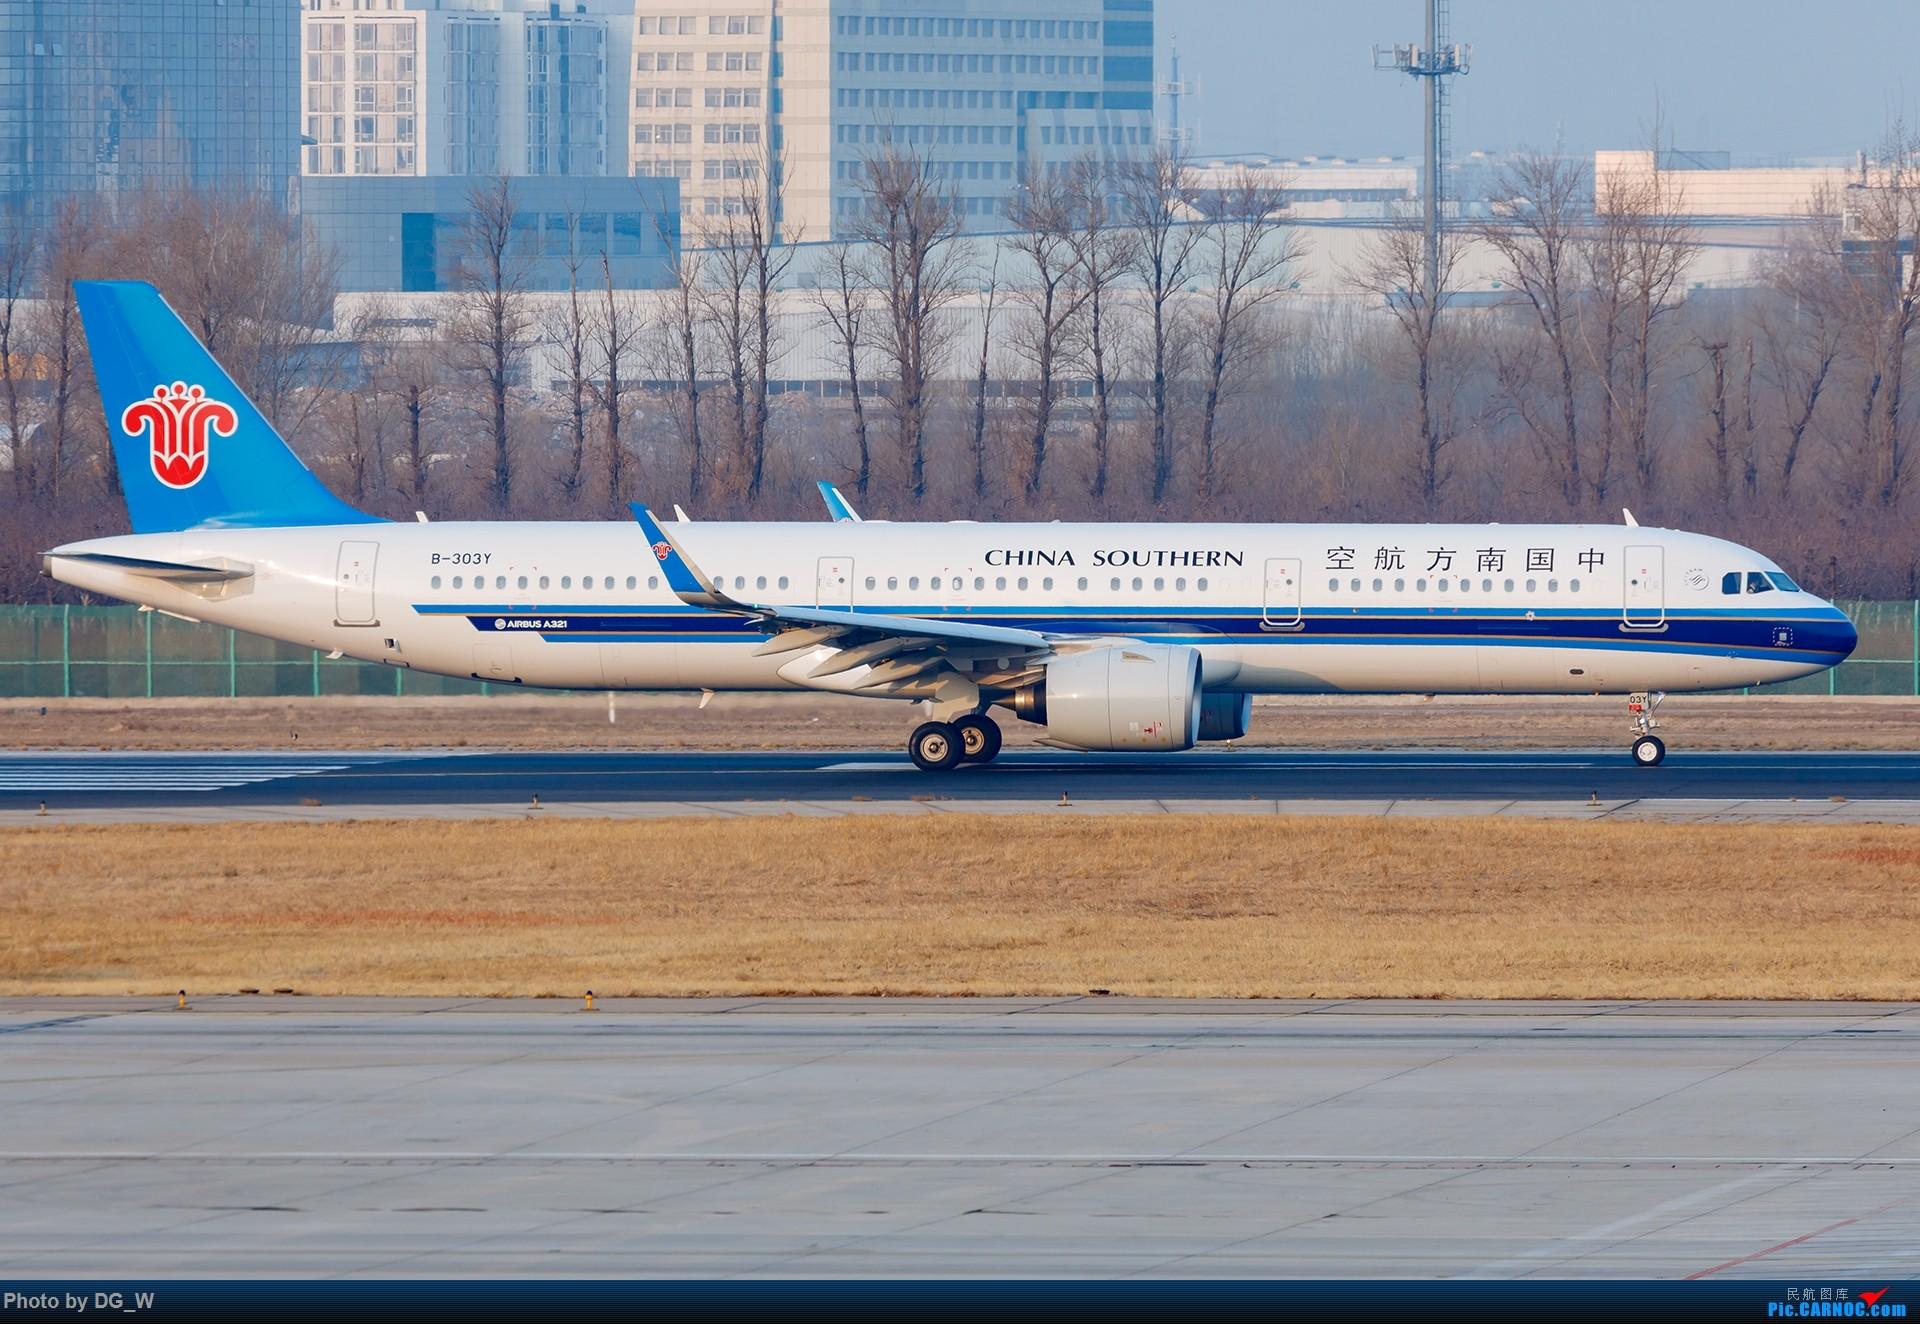 Re:[原创]【南宁飞友】一张8元机票带来的帝都之旅 AIRBUS A321NEO B-303Y 中国南宁吴圩国际机场